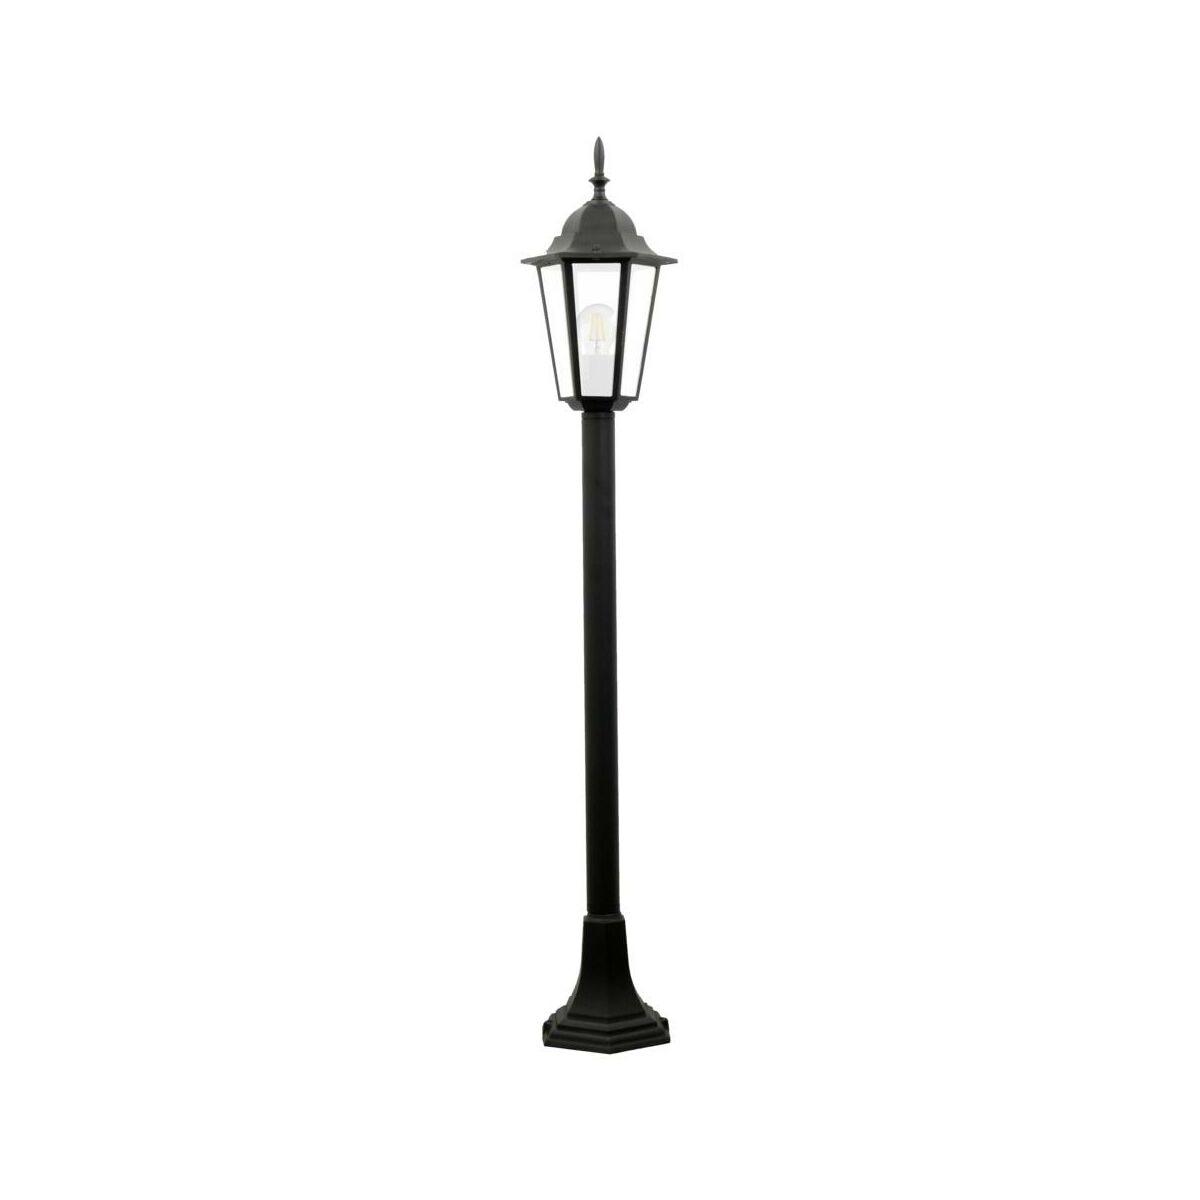 Lampa Ogrodowa Stojaca Liguria Ip44 Czarna E27 Polux Oswietlenie Ogrodowe Napieciowe W Atrakcyjnej Cenie W Sklepach Leroy Merlin